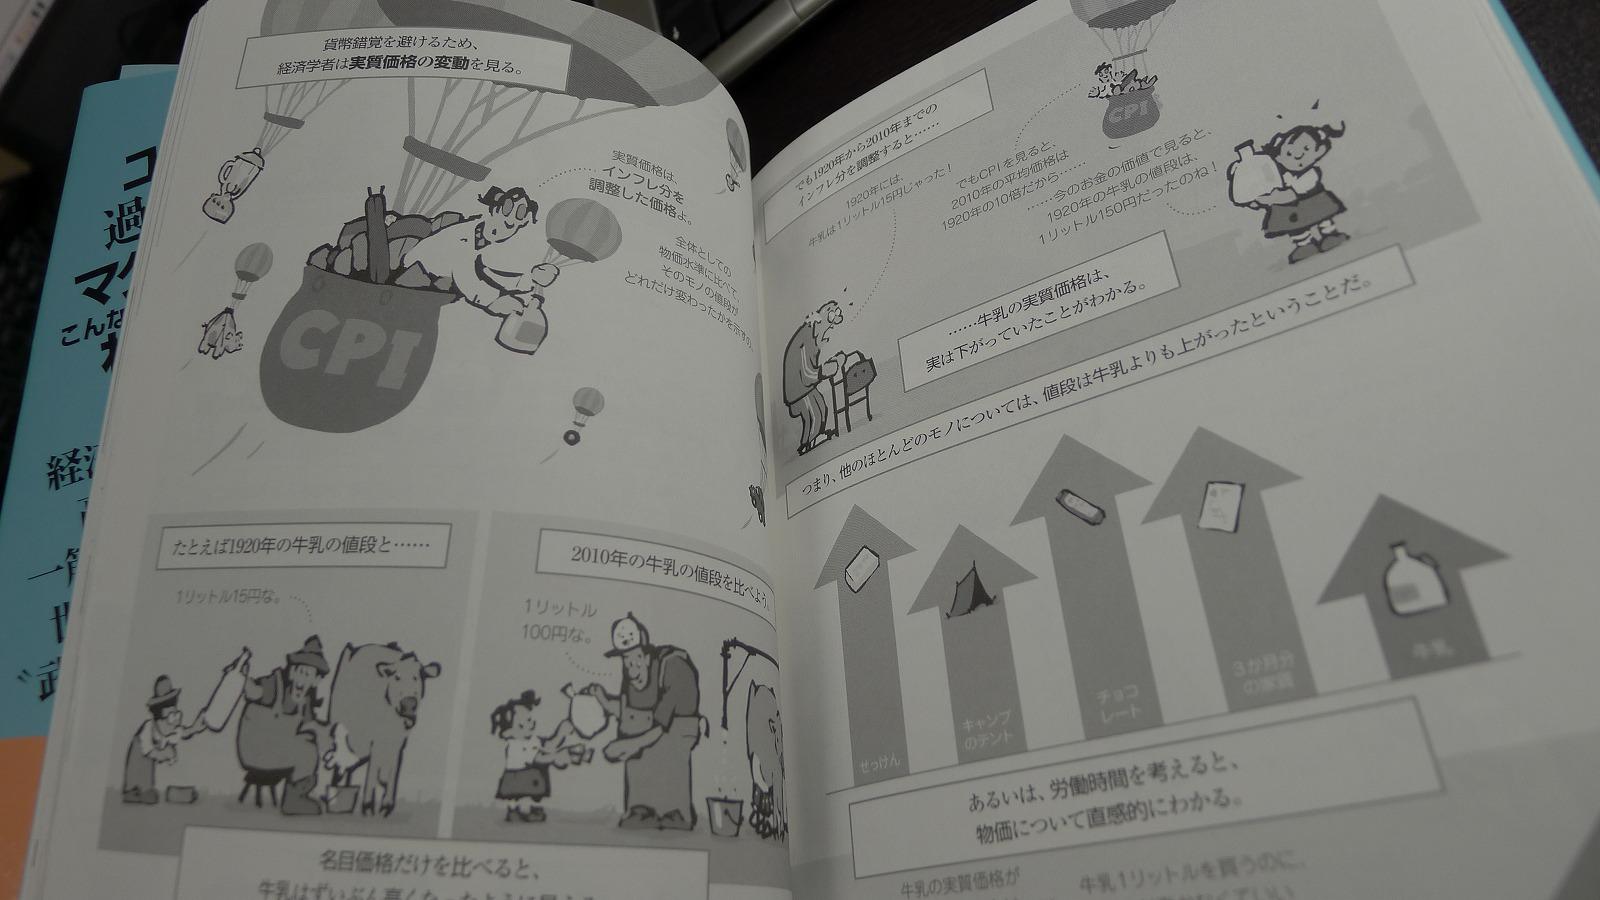 経済 ミクロ 経済 マクロ